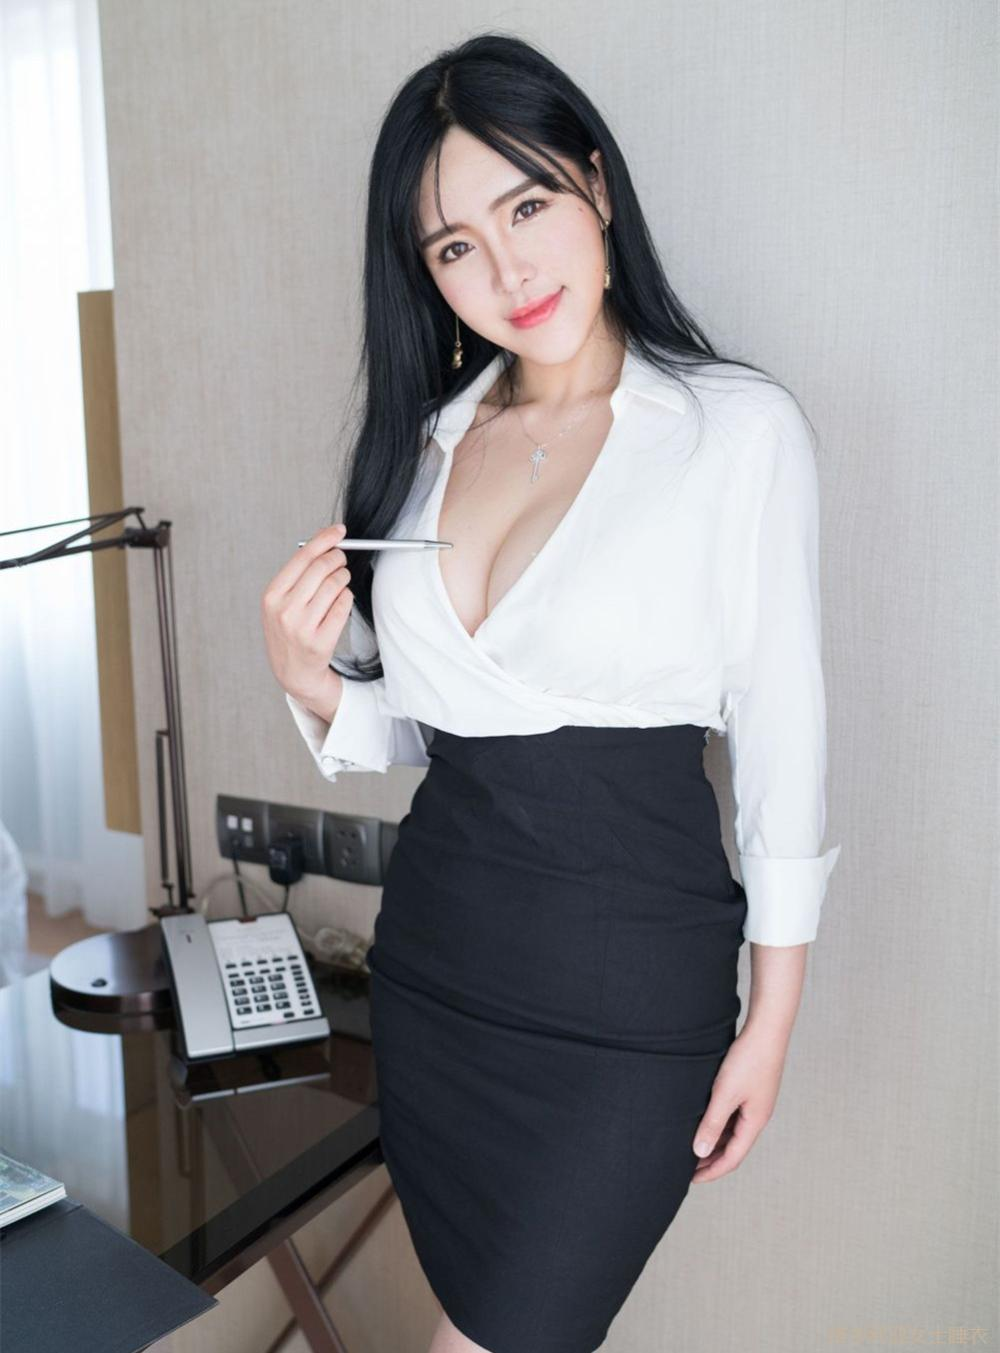 丰腴身材的女秘书穿高腰包臀裙尽显妩媚感, 老板特别赏识 2